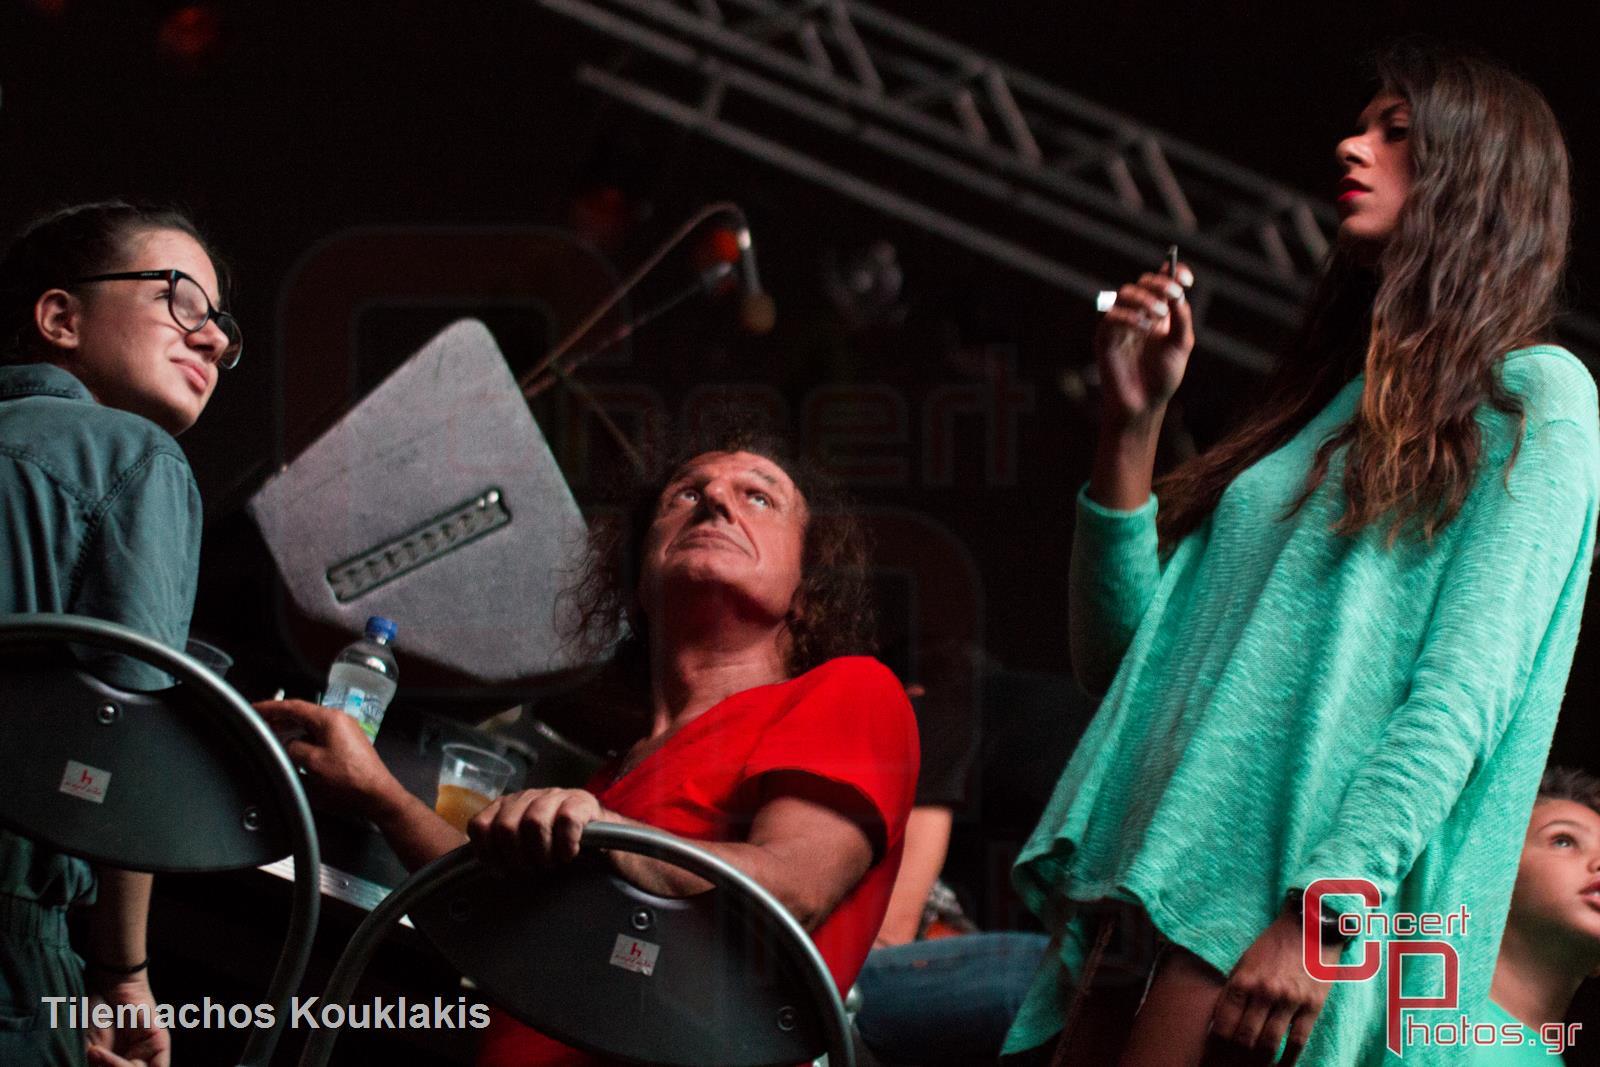 Βασίλης Παπακωνσταντίνου - 40 Χρόνια Έφηβος-Vasilis Papakonstantinou 40 Chronia Efivos photographer: Tilemachos Kouklakis - concertphotos_-5144